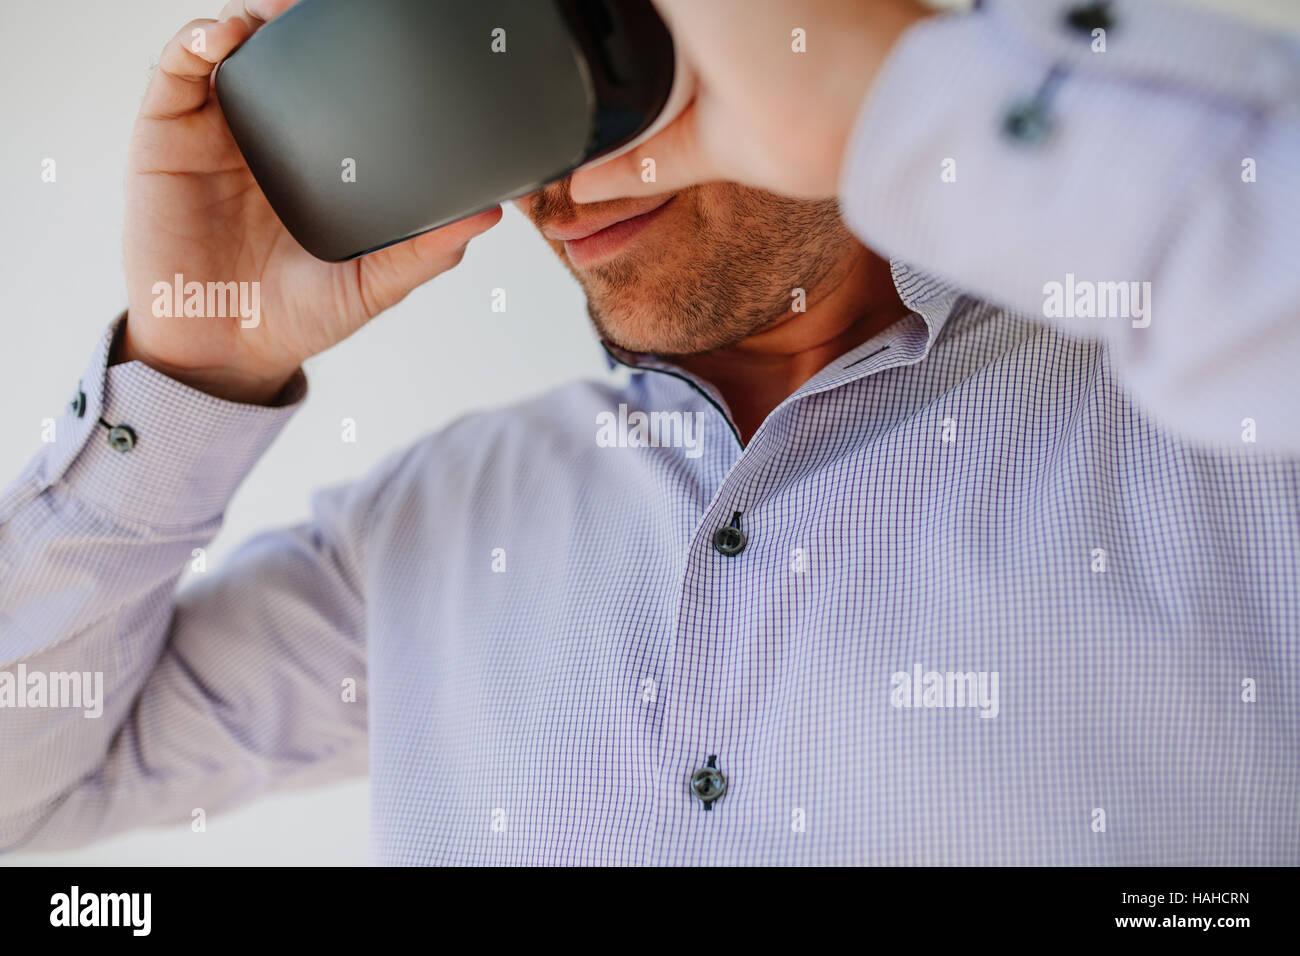 Libre coup de jeune homme à l'aide de lunettes de réalité virtuelle. Businessman wearing lunettes Photo Stock